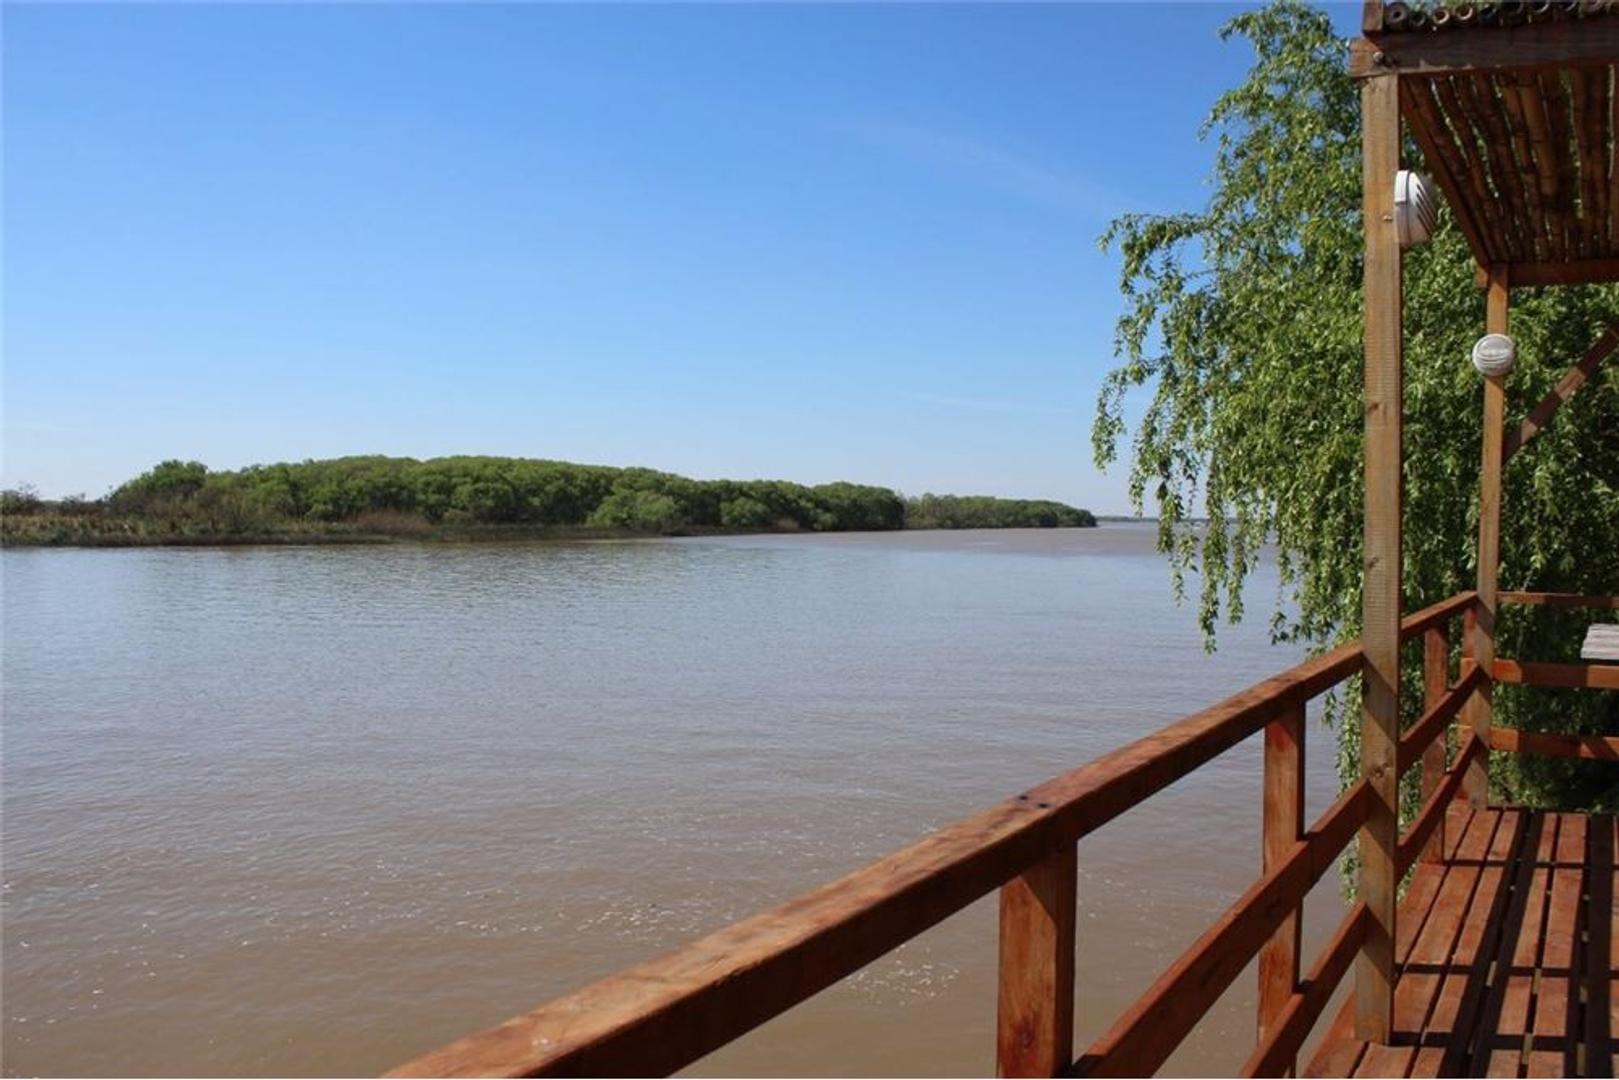 Venta casa rio Paraná - Delta Tigre Financia